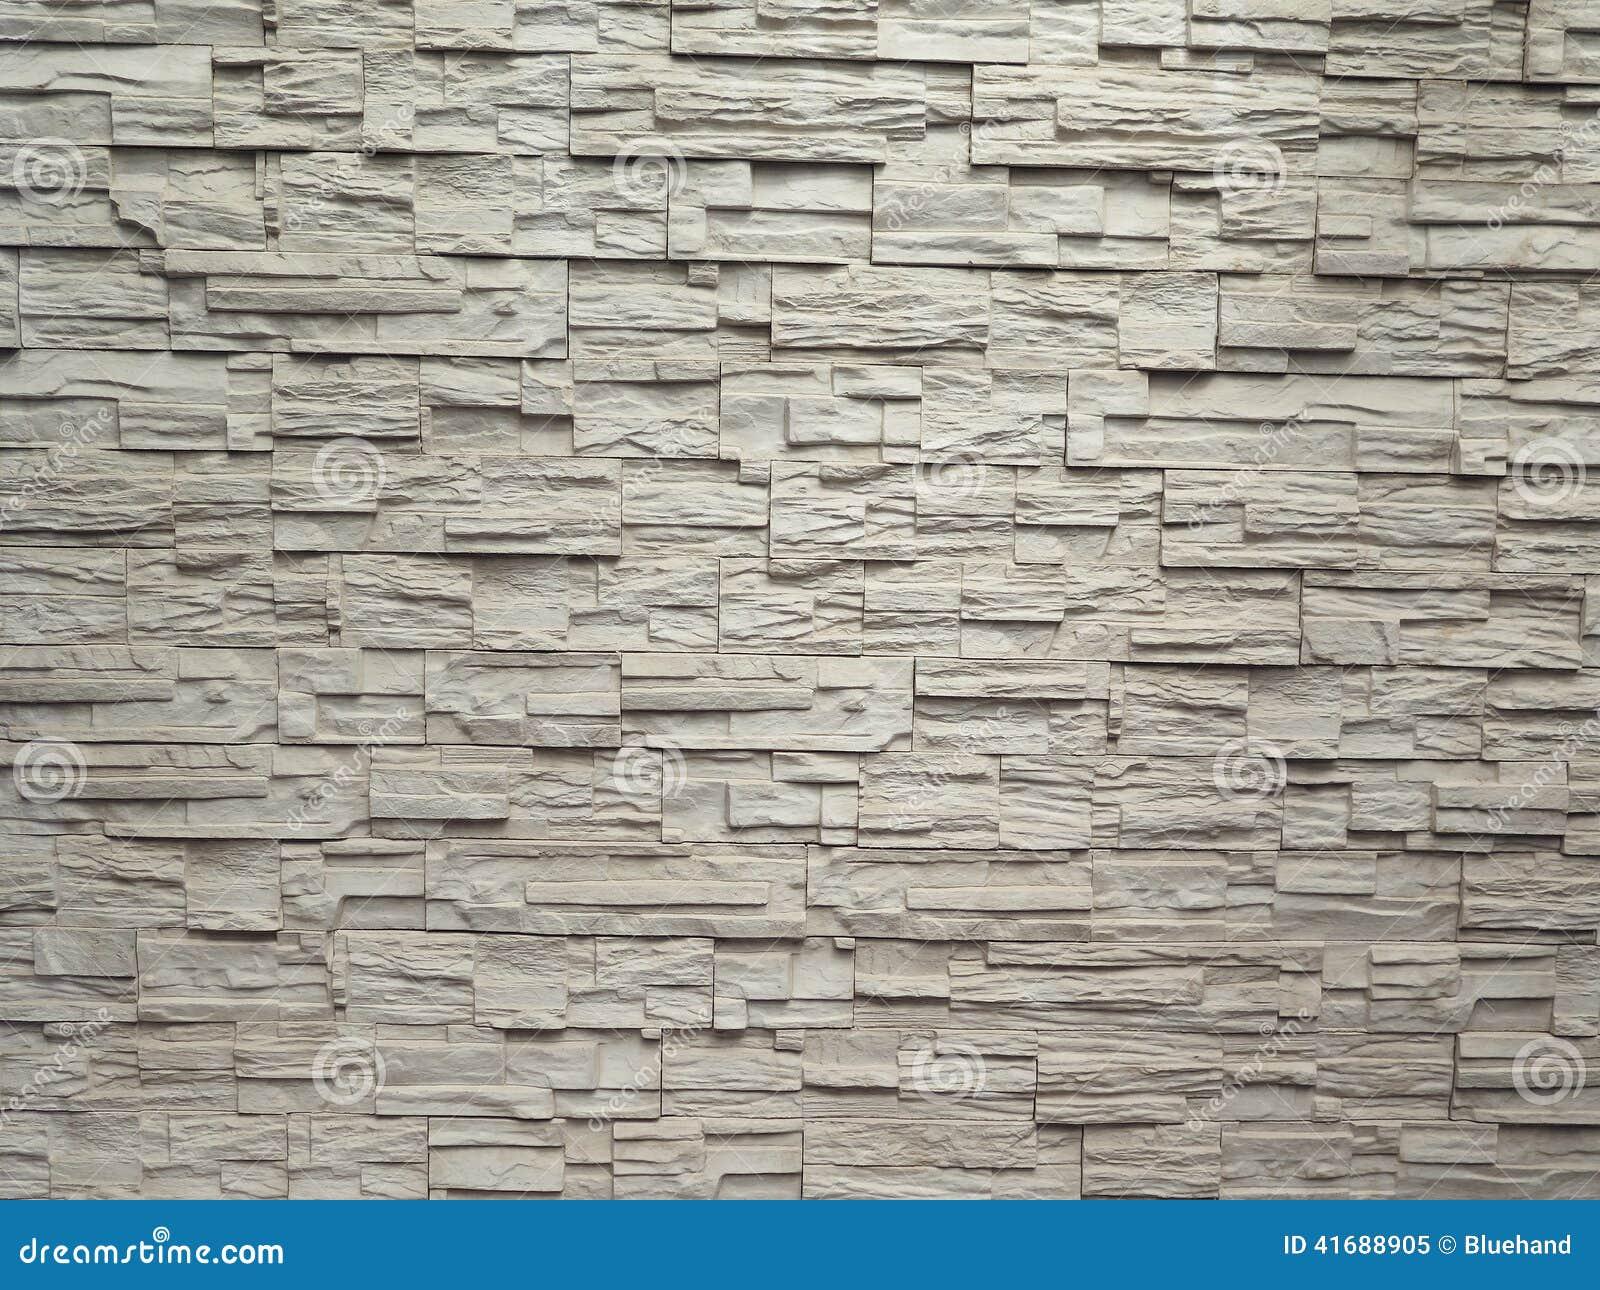 Background e texture di piastrelle in ceramica u foto stock